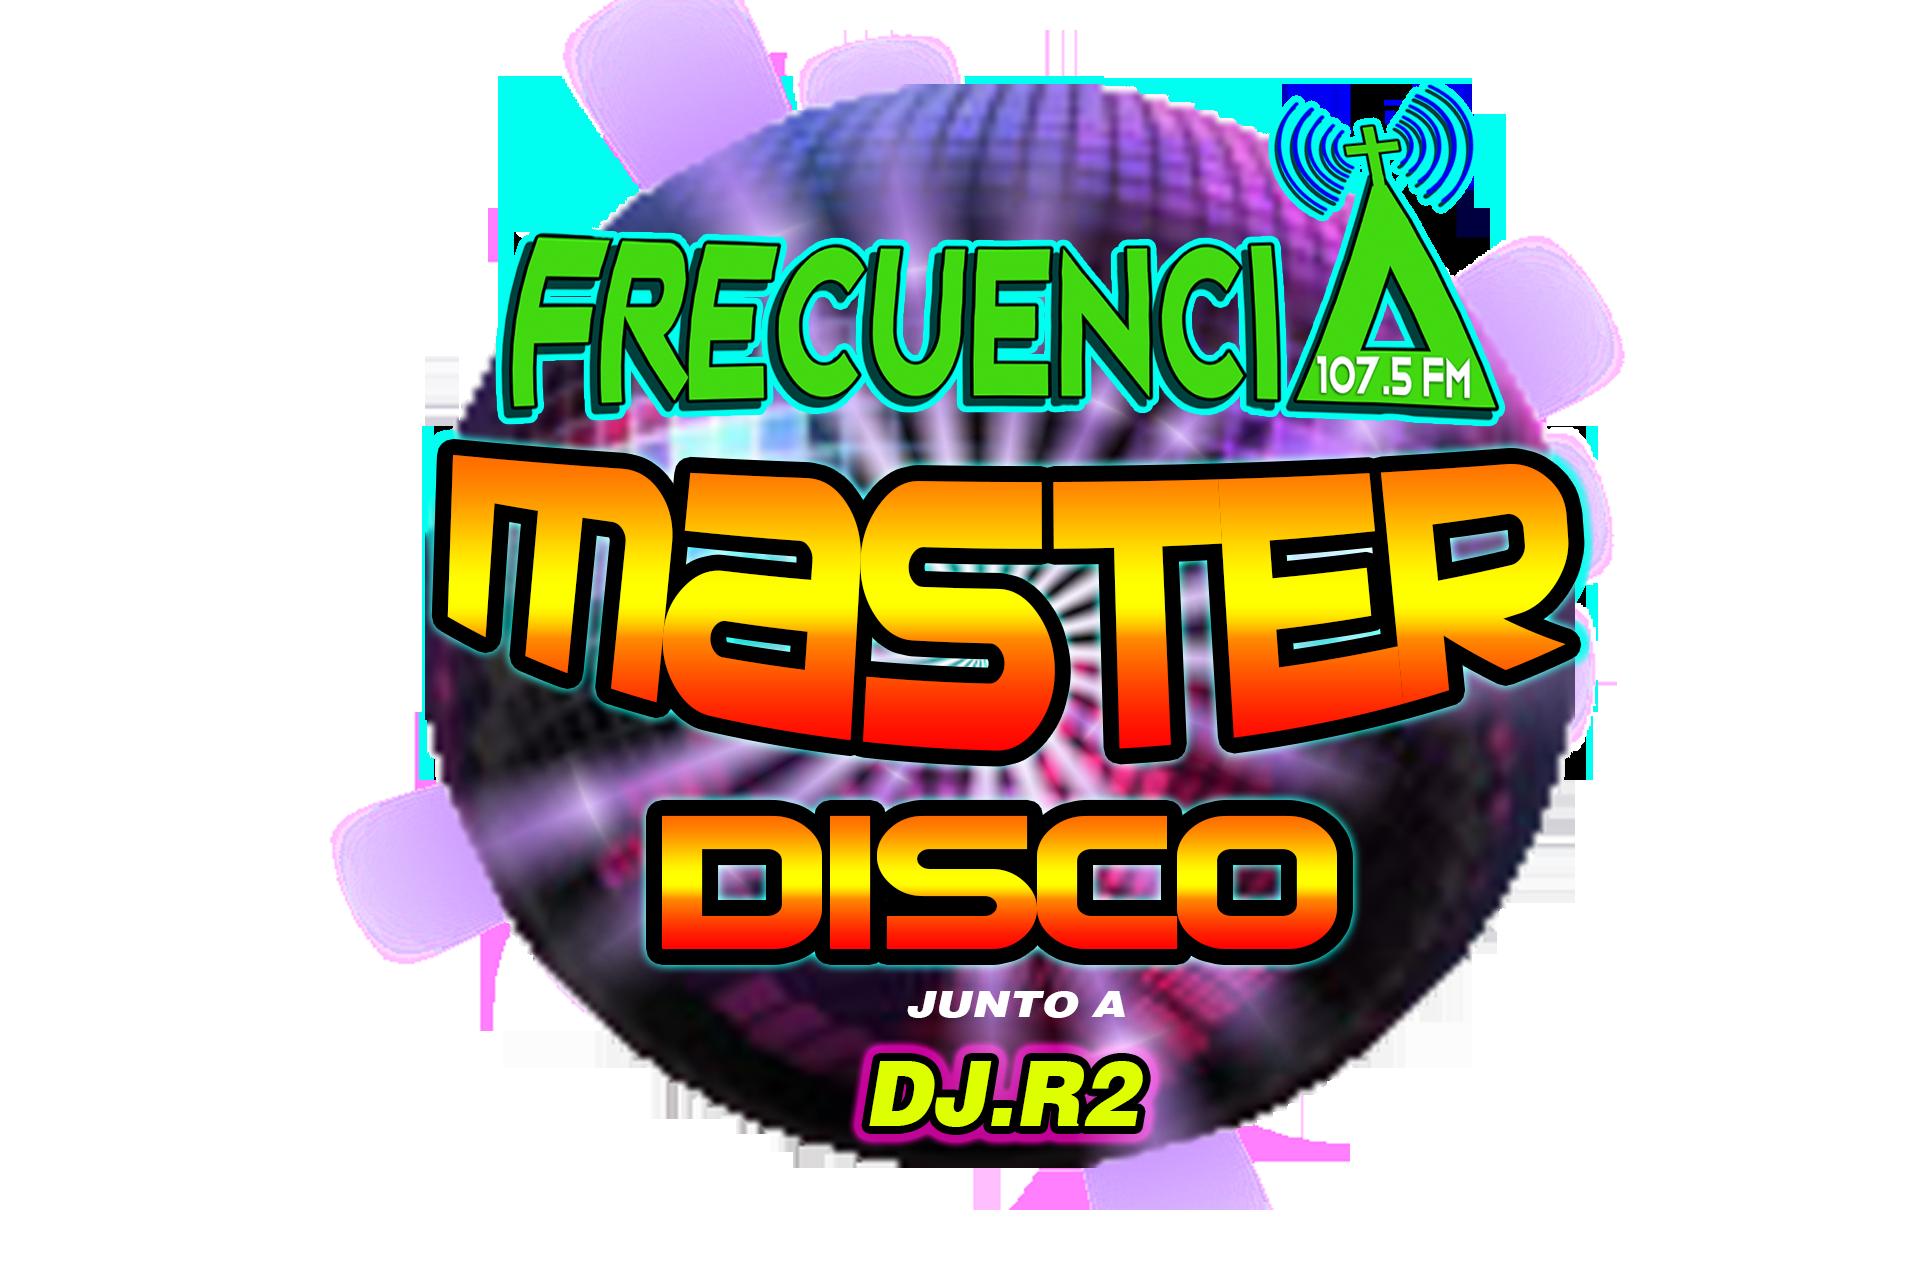 Frecuencia master disco